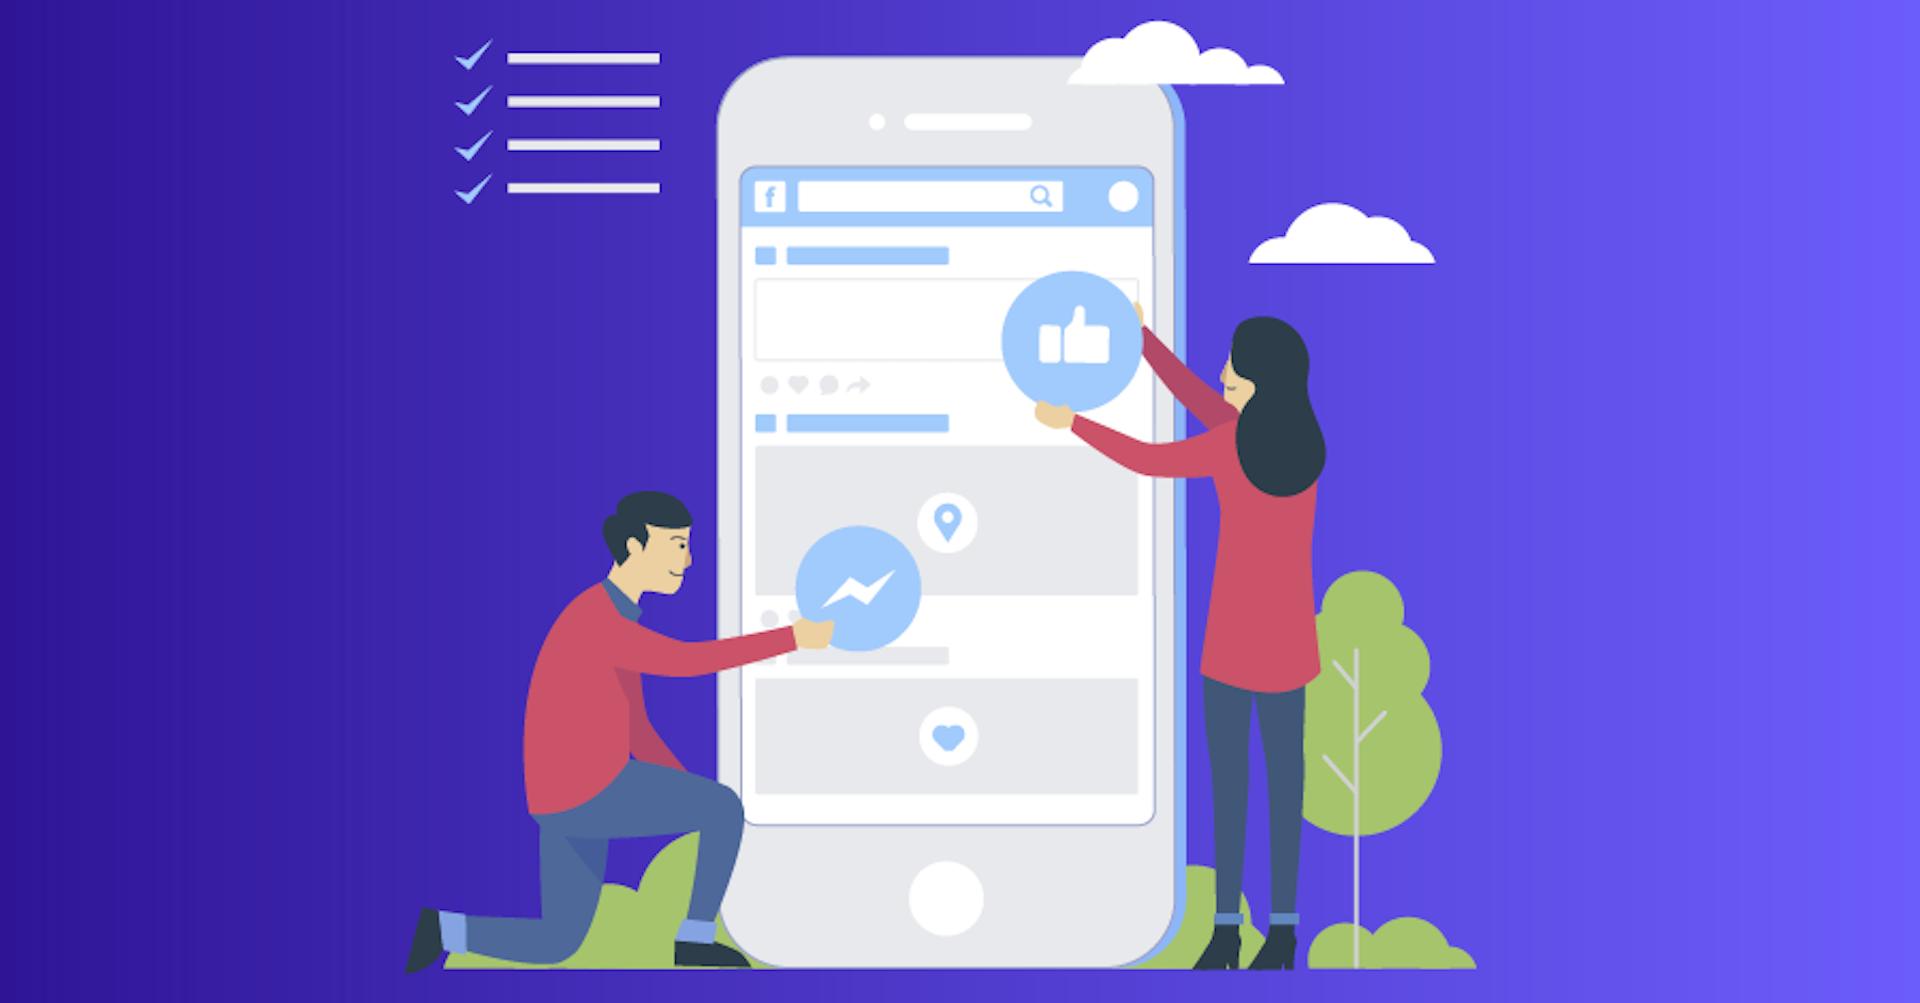 4 herramientas de Marketing Digital que debes conocer. ¡La tercera es increíble!